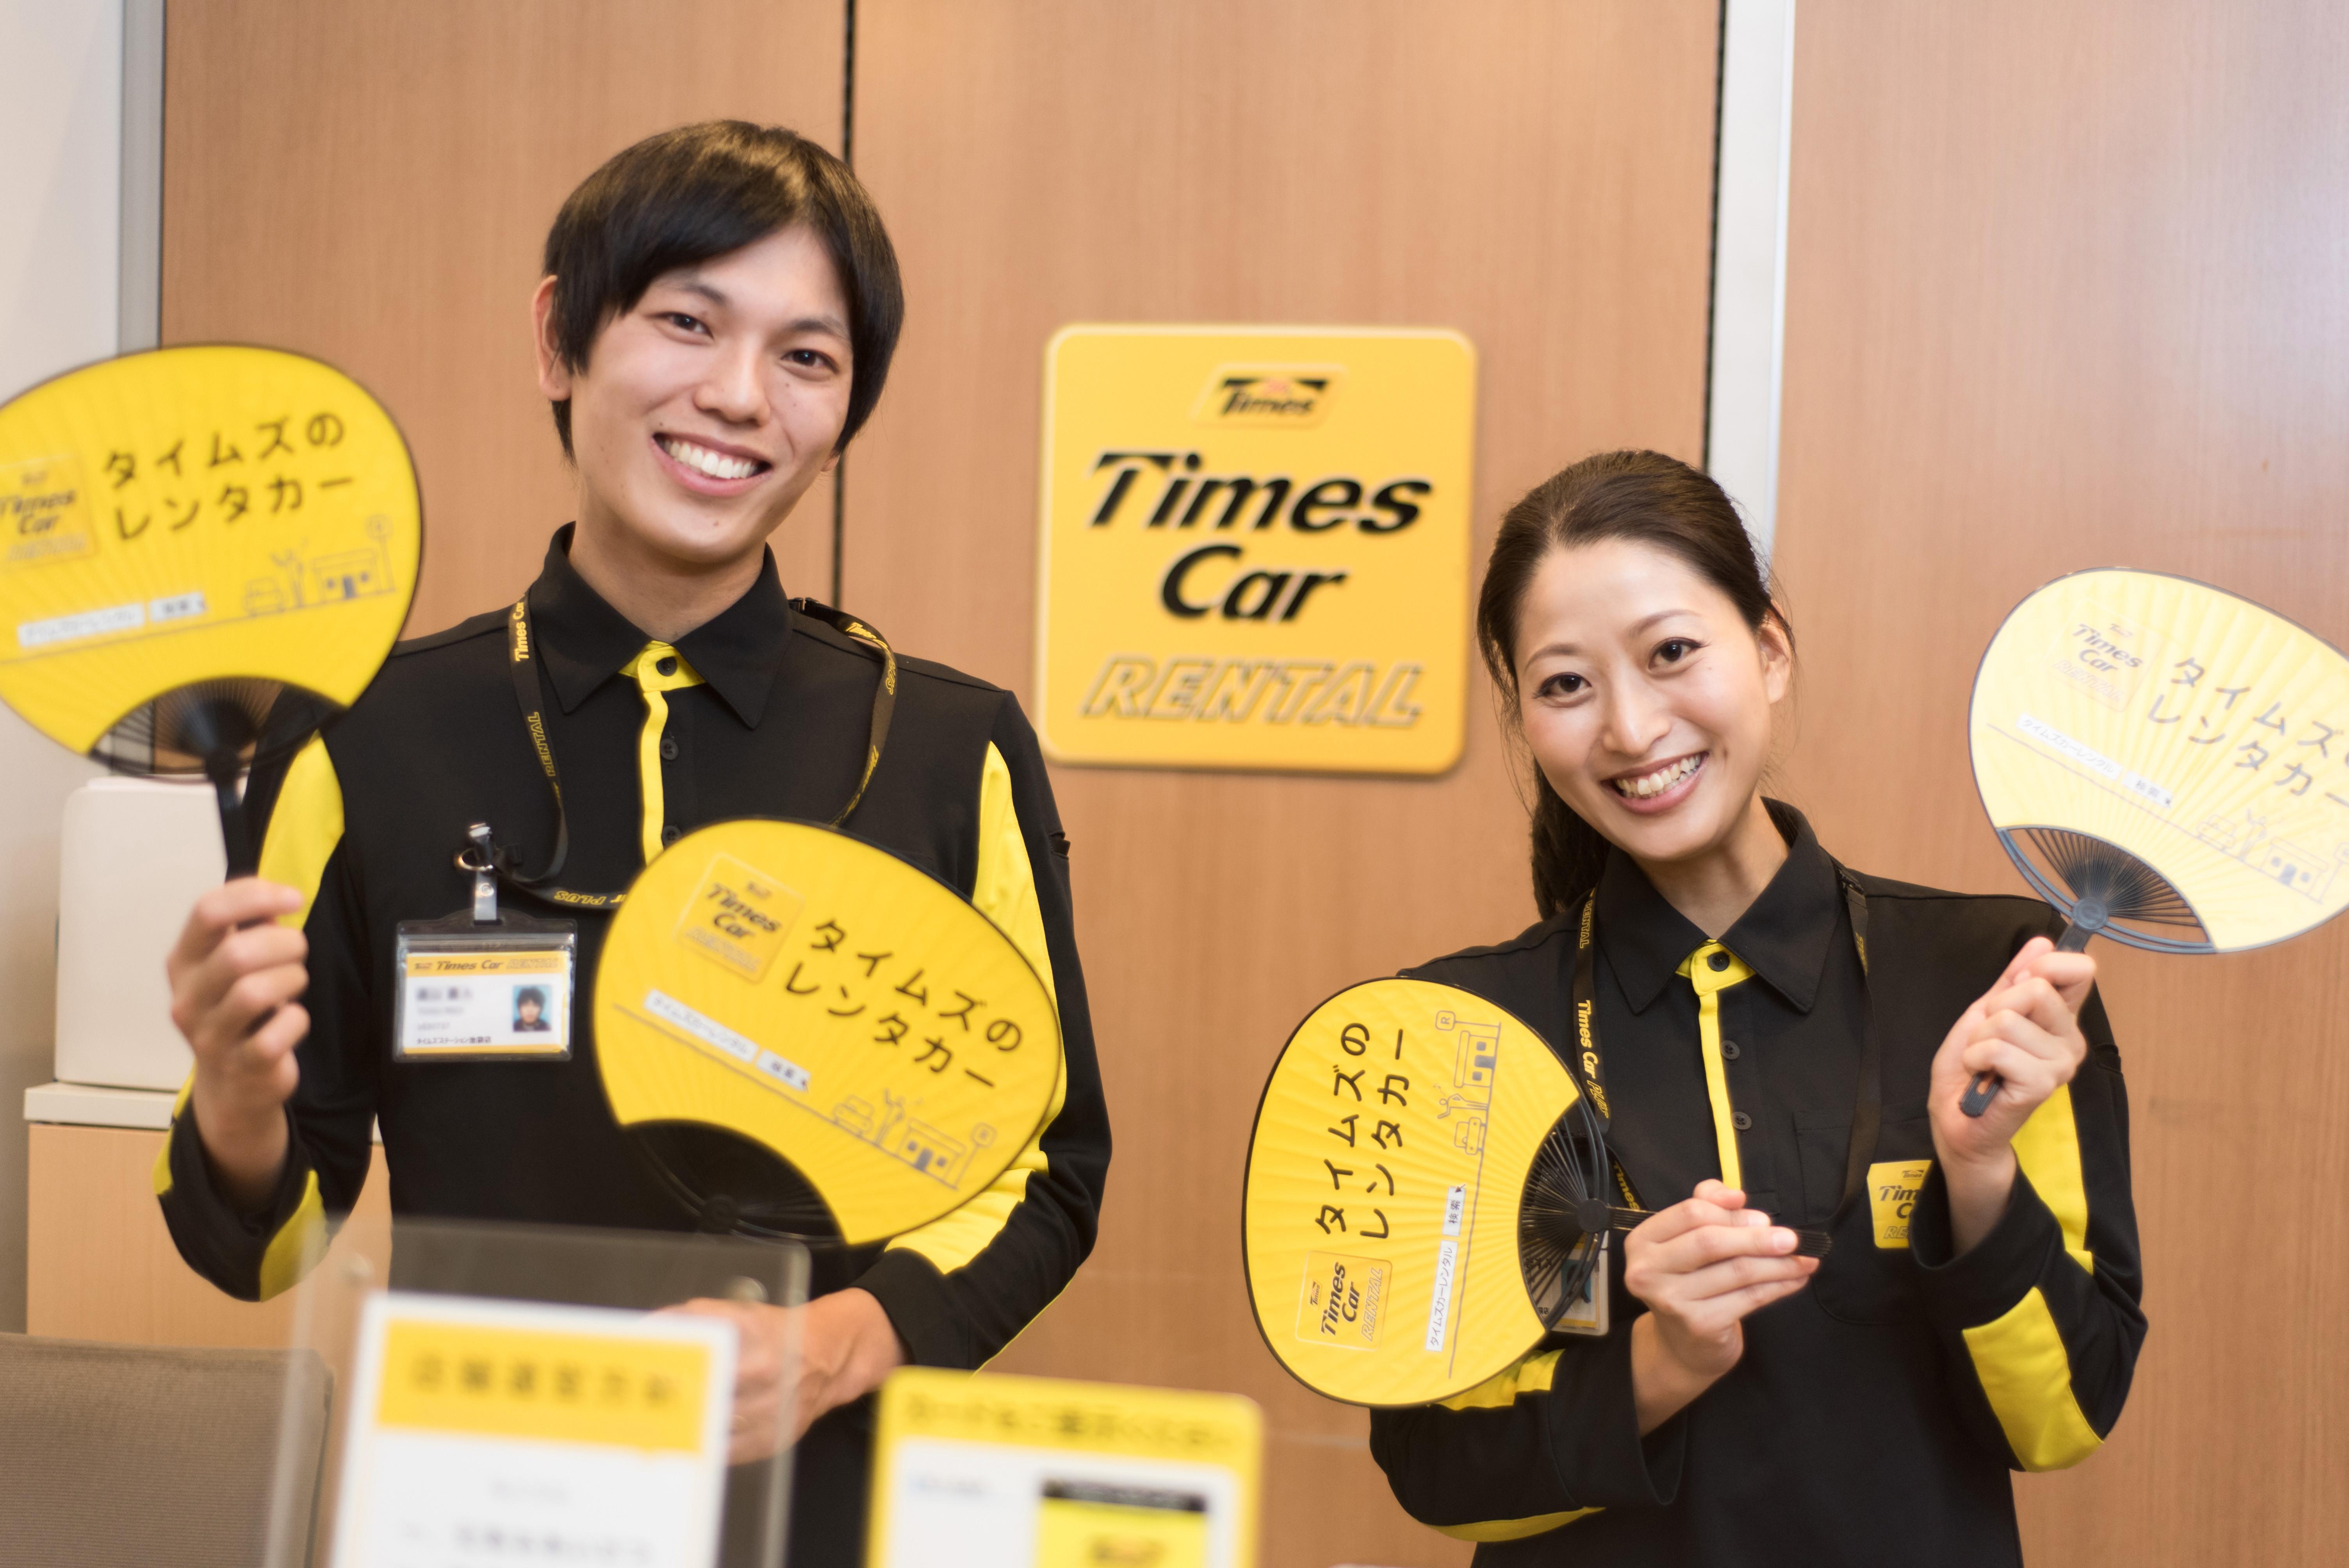 タイムズカーレンタル 和歌山城北店 洗車・回送スタッフのアルバイト情報